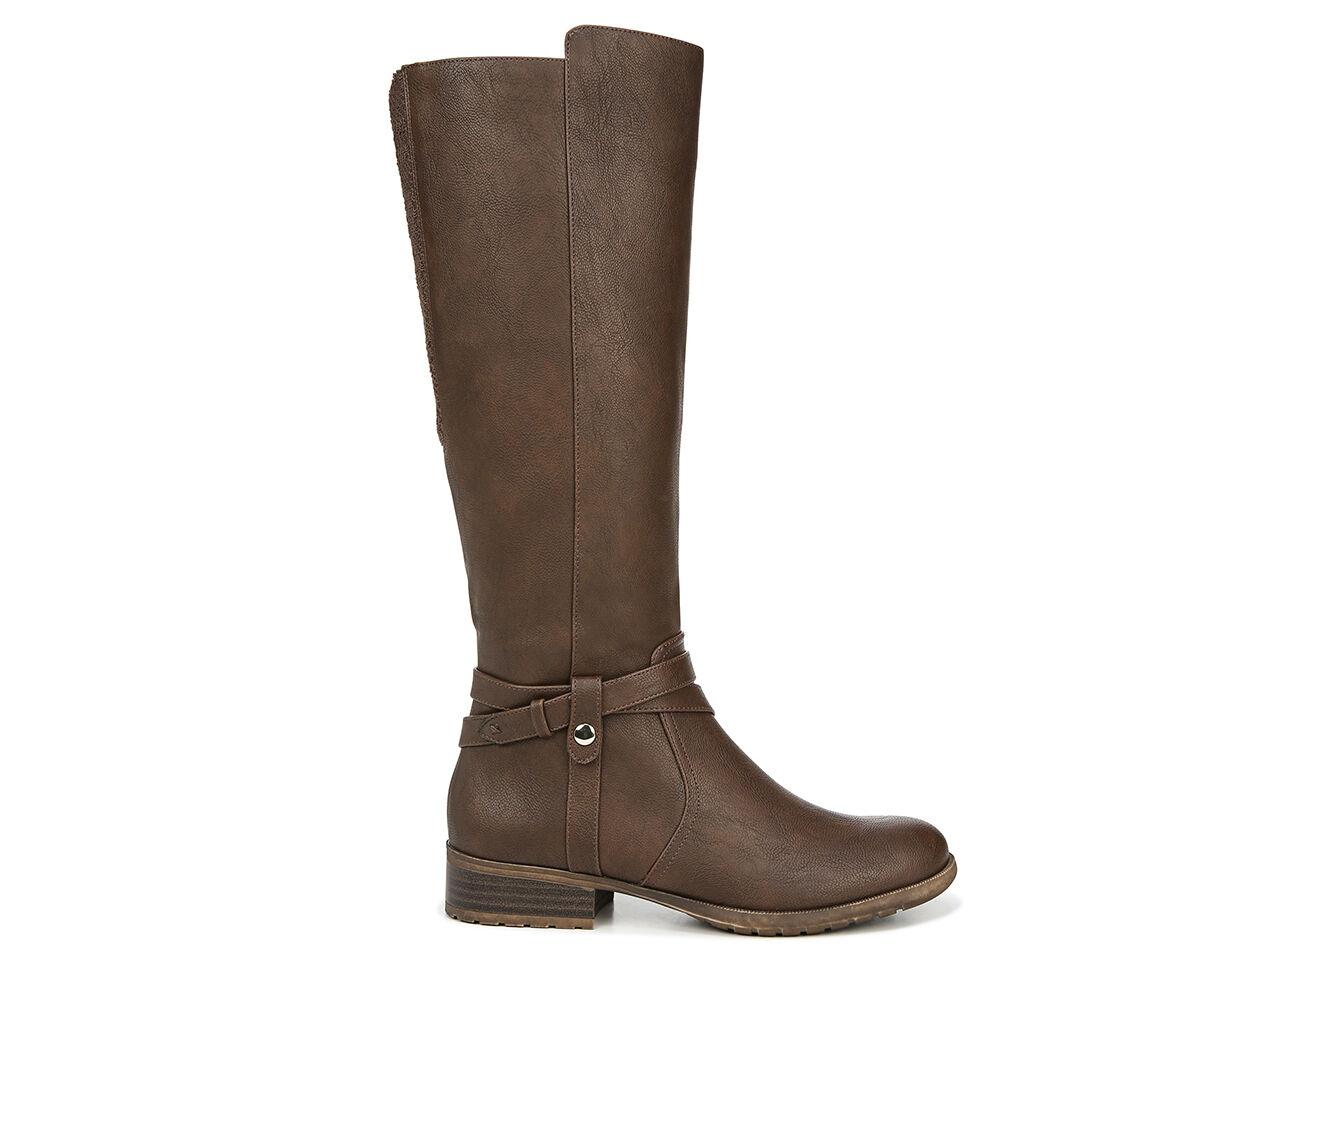 Women's LifeStride Xtrovert Wide Calf Riding Boots Dark Tan